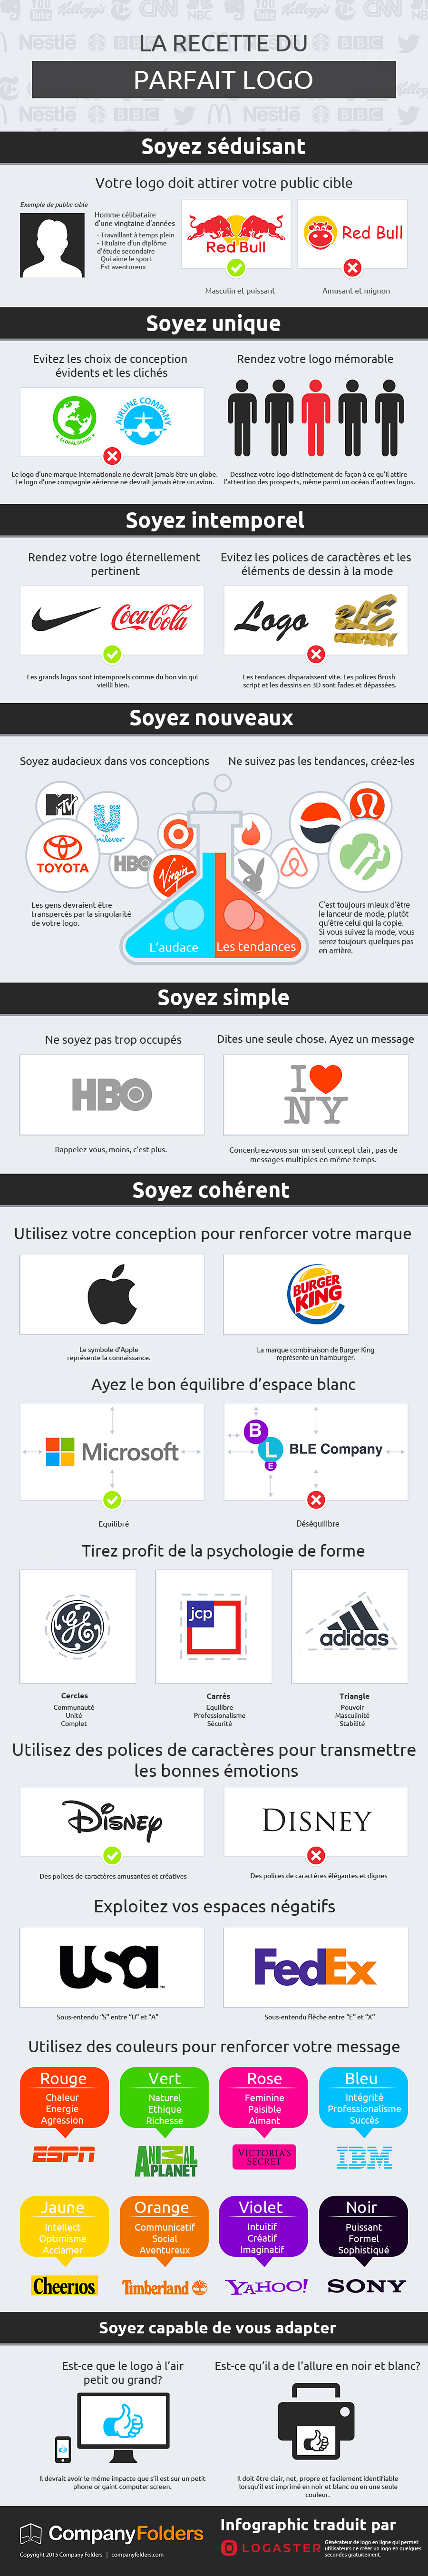 infographie  comment cr u00e9er un logo d u2019enfer   astuces et services pratiques